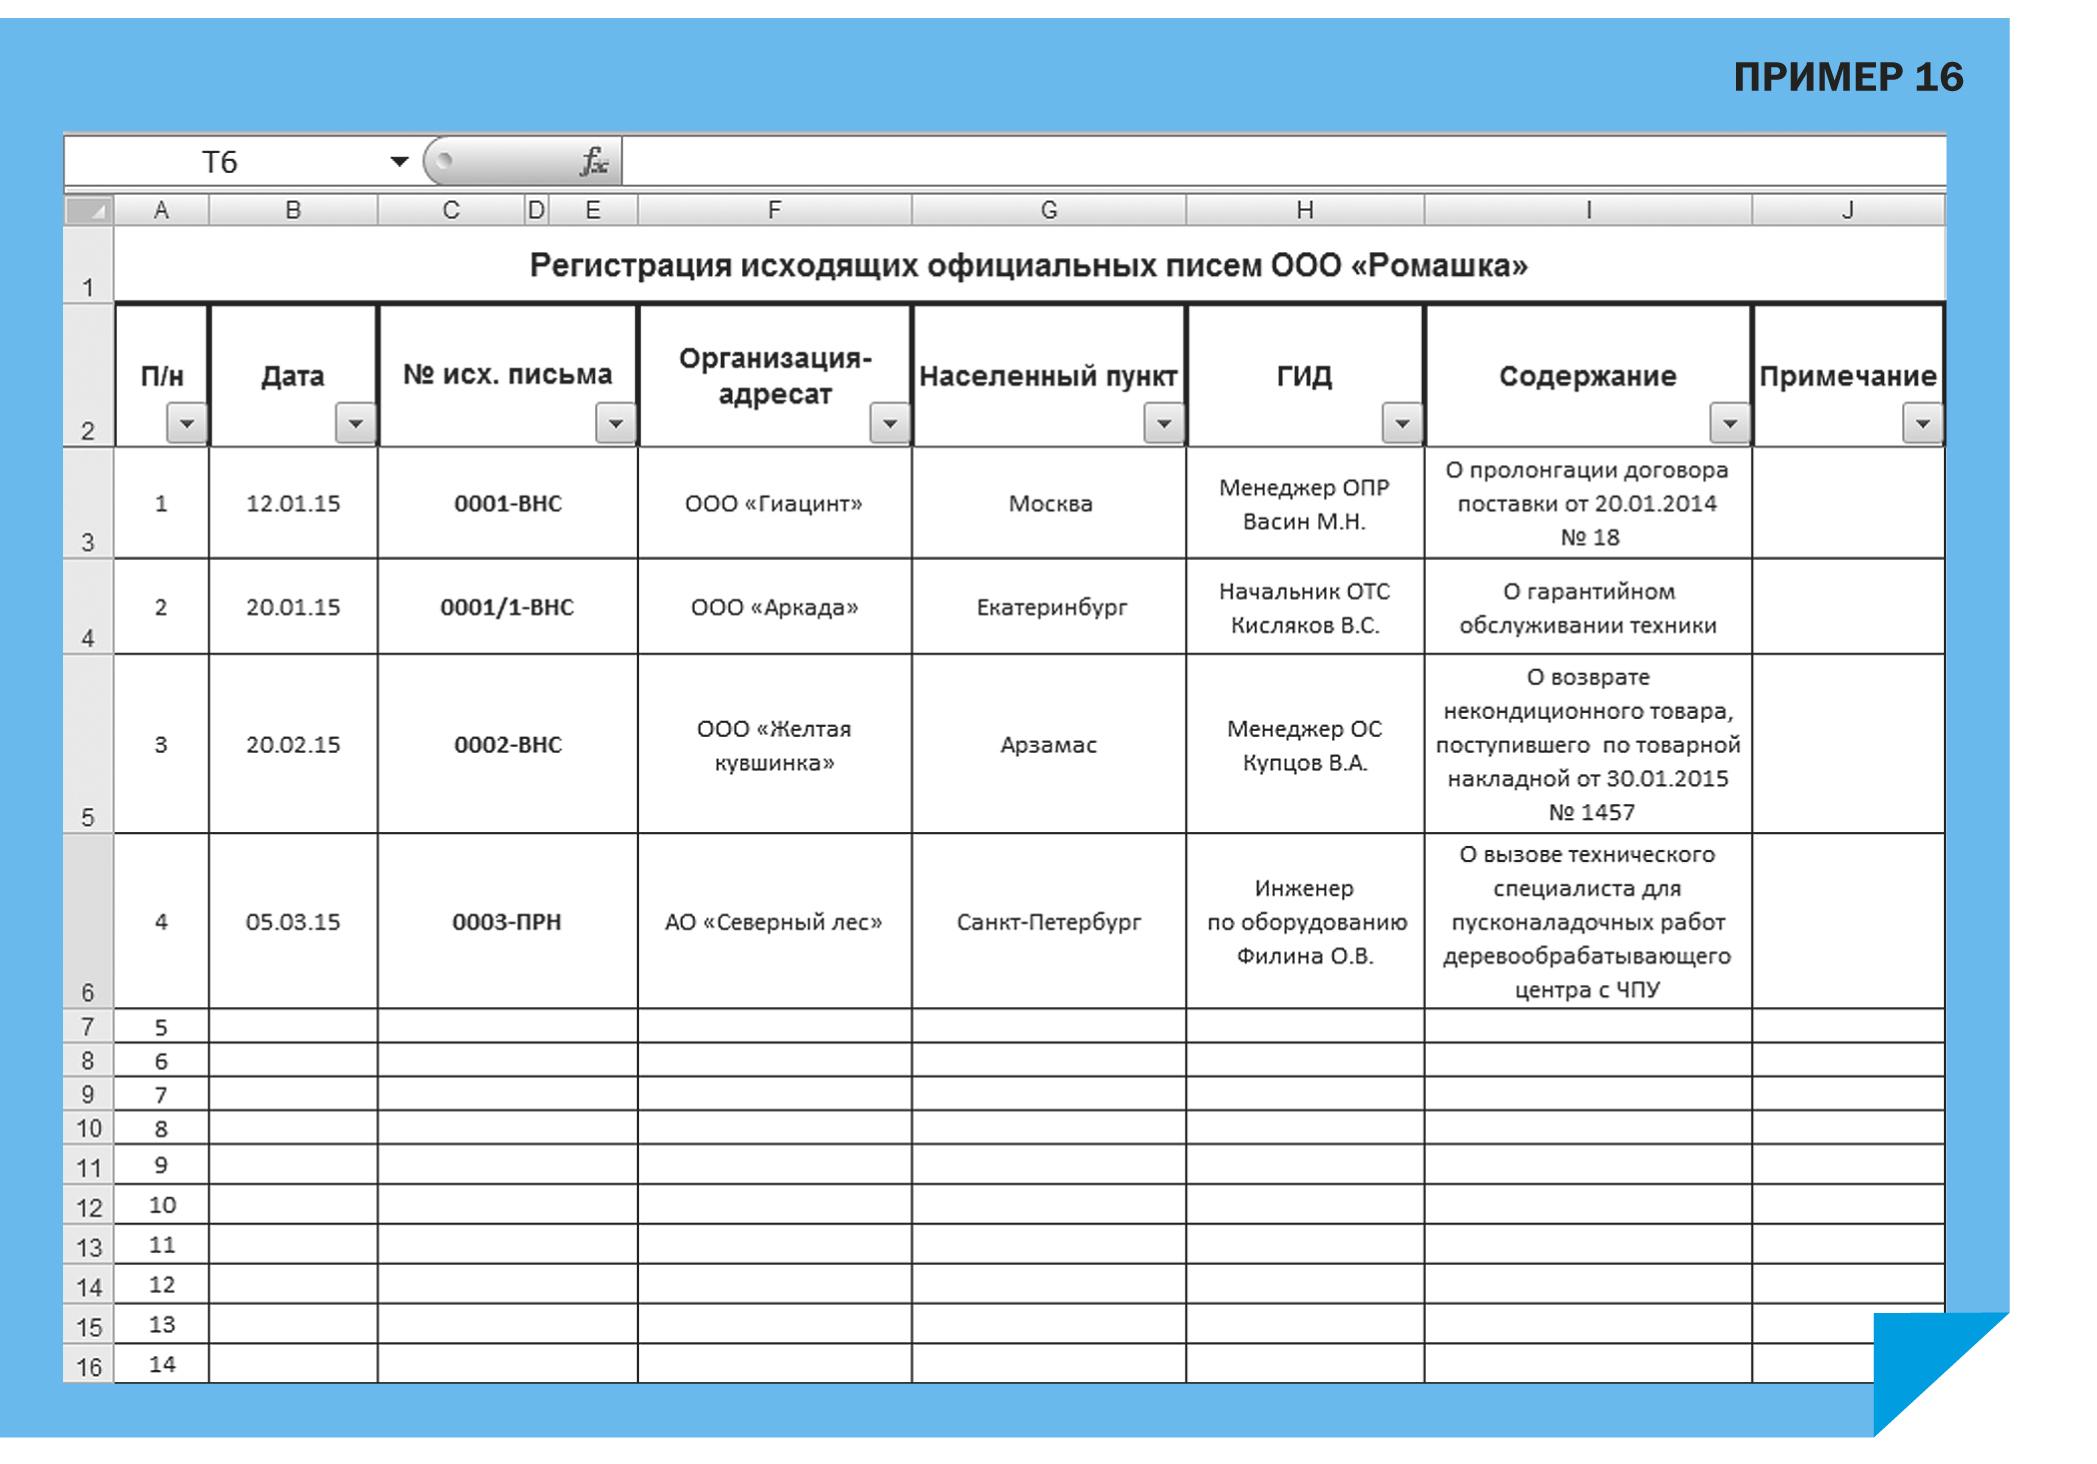 Регистрация входящей корреспонденции бухгалтерии внесение изменений в ооо сроки регистрации